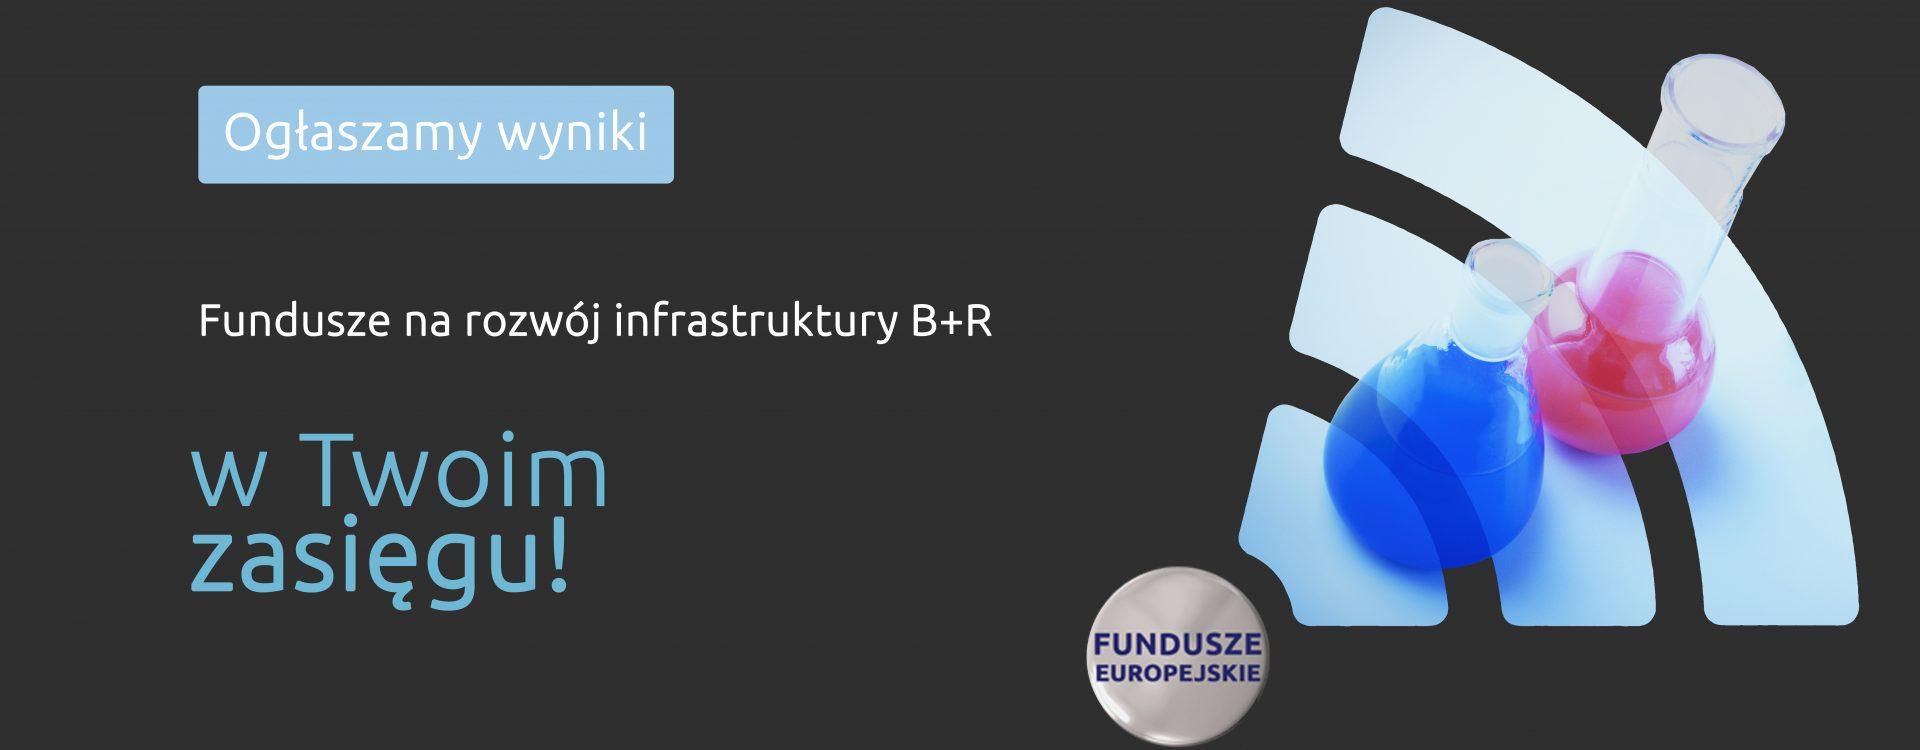 Instytucje naukowe z ponad 88 mln zł dofinansowania na laboratoria badawcze